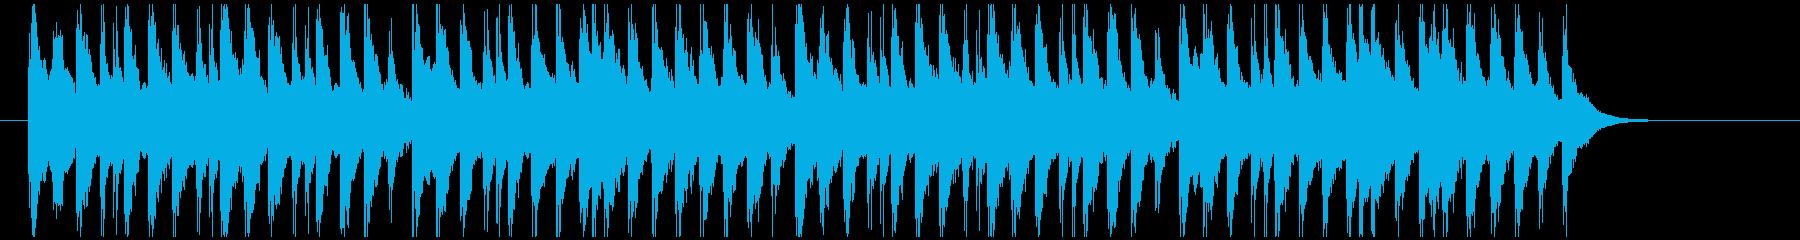 和物の劇のシーンチェンジに合うジングルの再生済みの波形